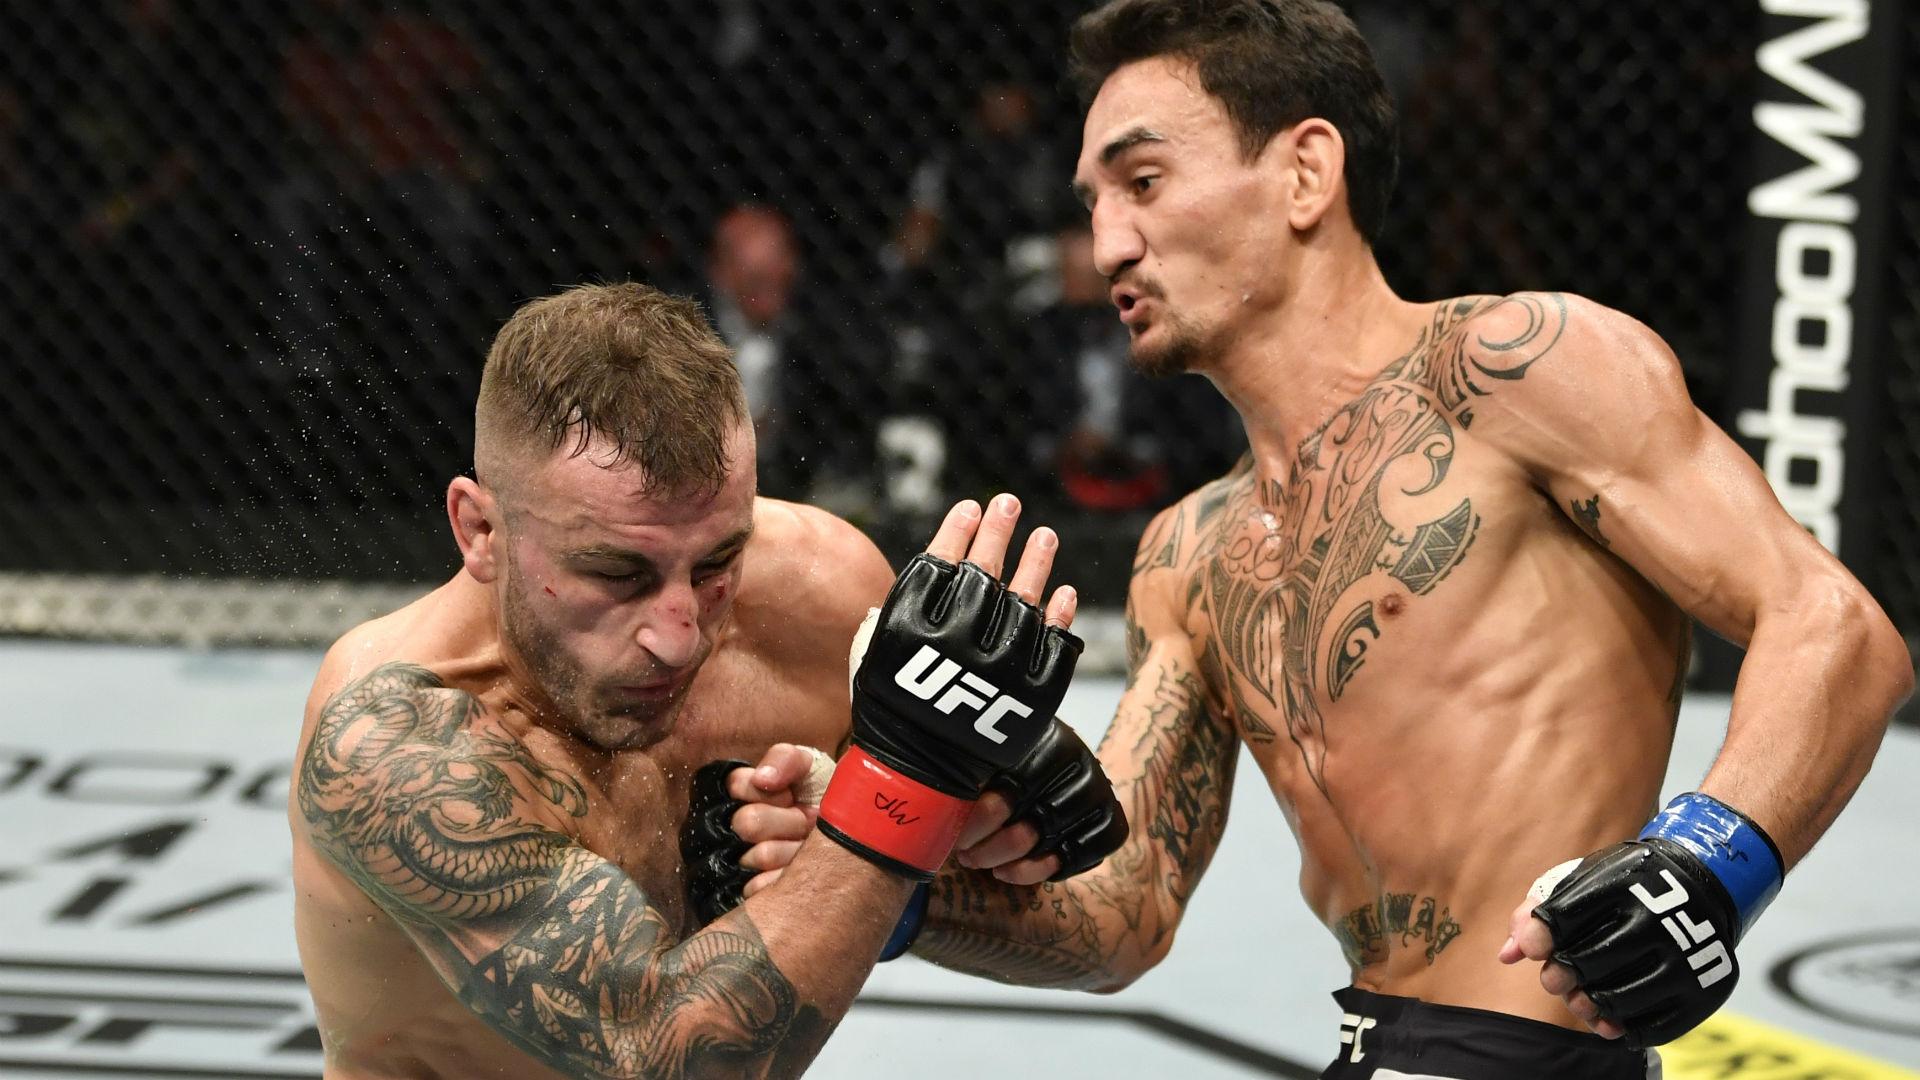 Dana White slams 'bad judging' at UFC 251 after Alexander Volkanovski's controversial win